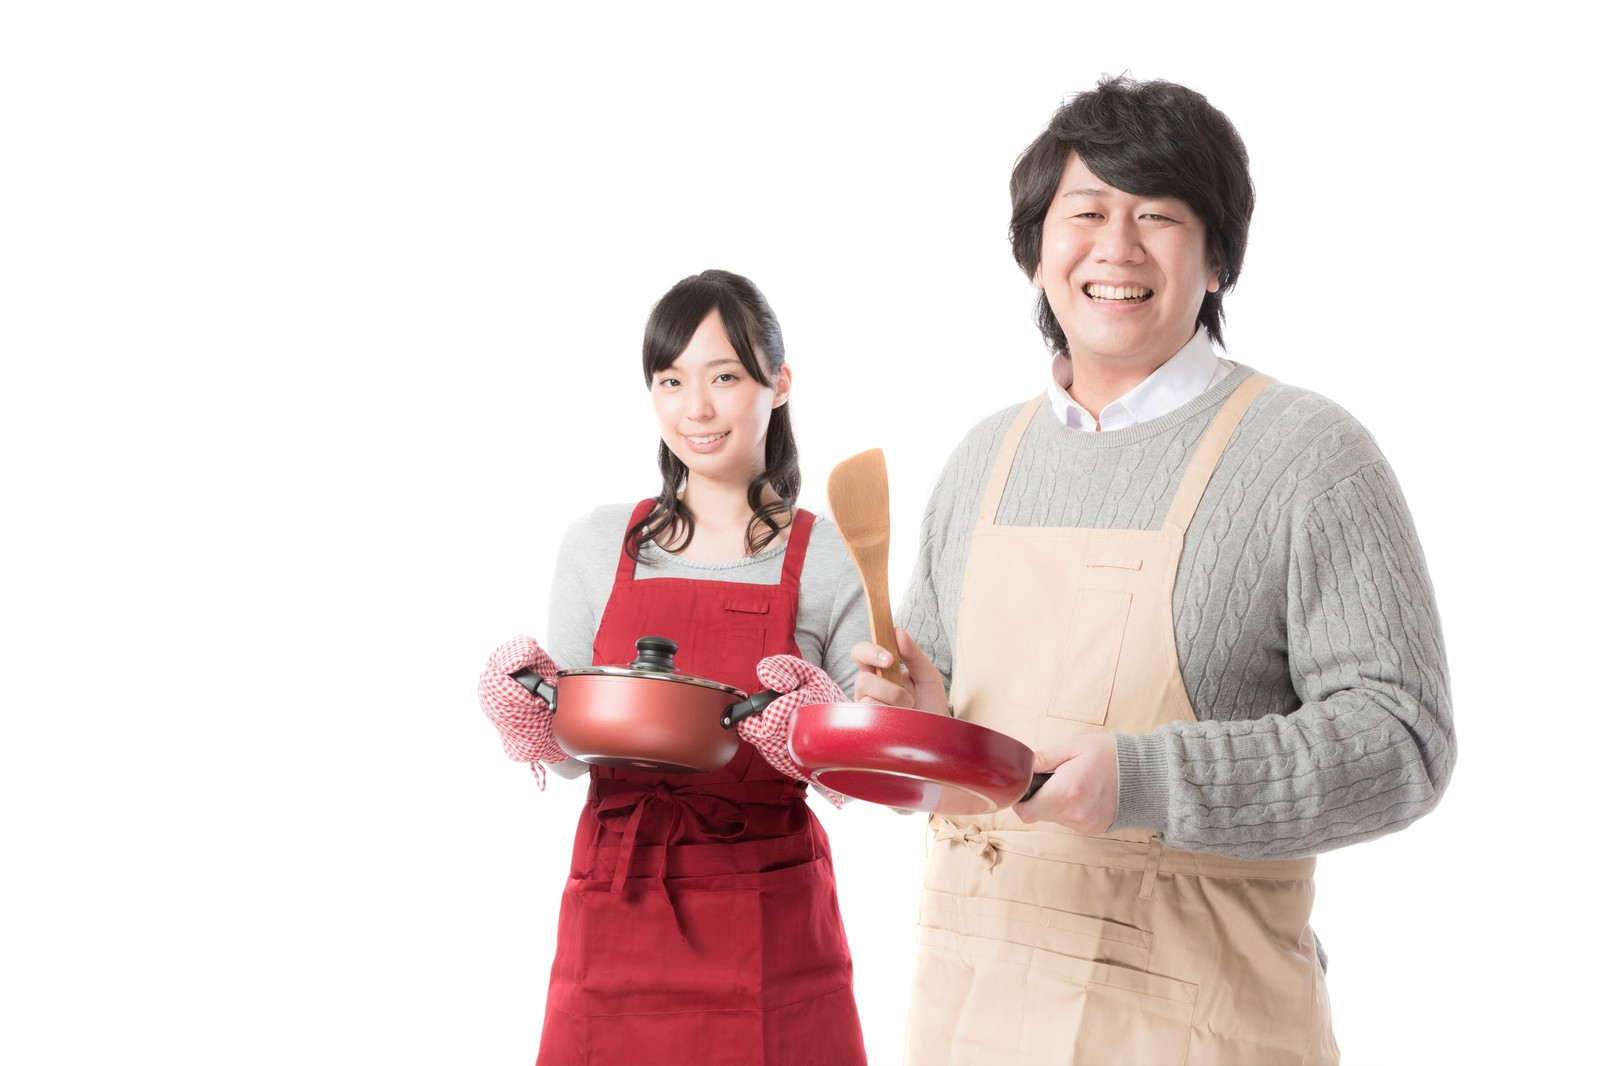 「新しいレシピでヒット商品を生み出す食品メーカーの商品開発」の写真[モデル:さとうゆい あまのじゃく]